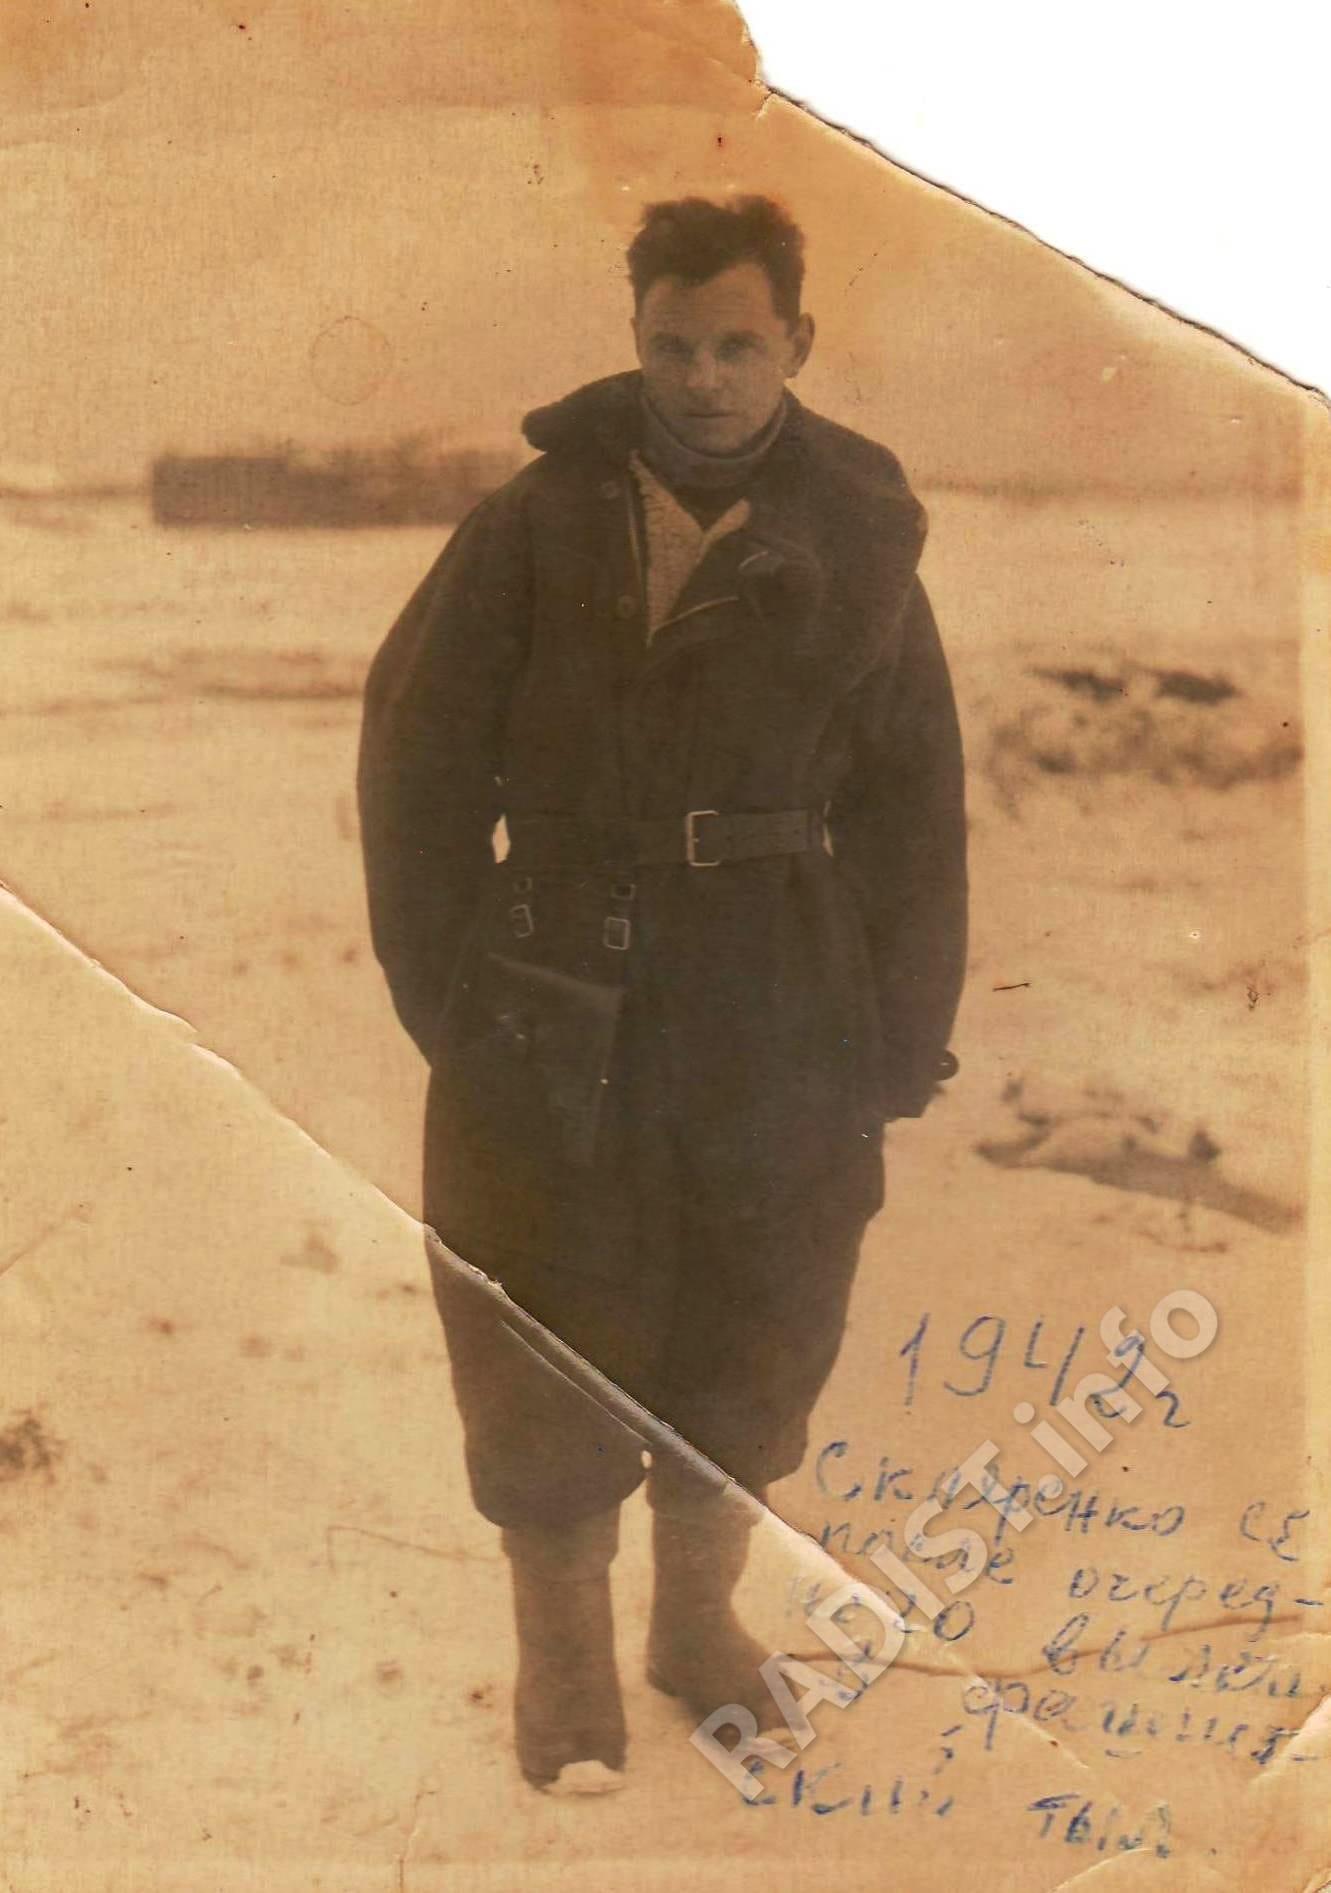 Скляренко Сергей Ефимович, стрелок-радист, защитник Ленинграда, после очередного вылета в фашистский тыл, 1942 г.